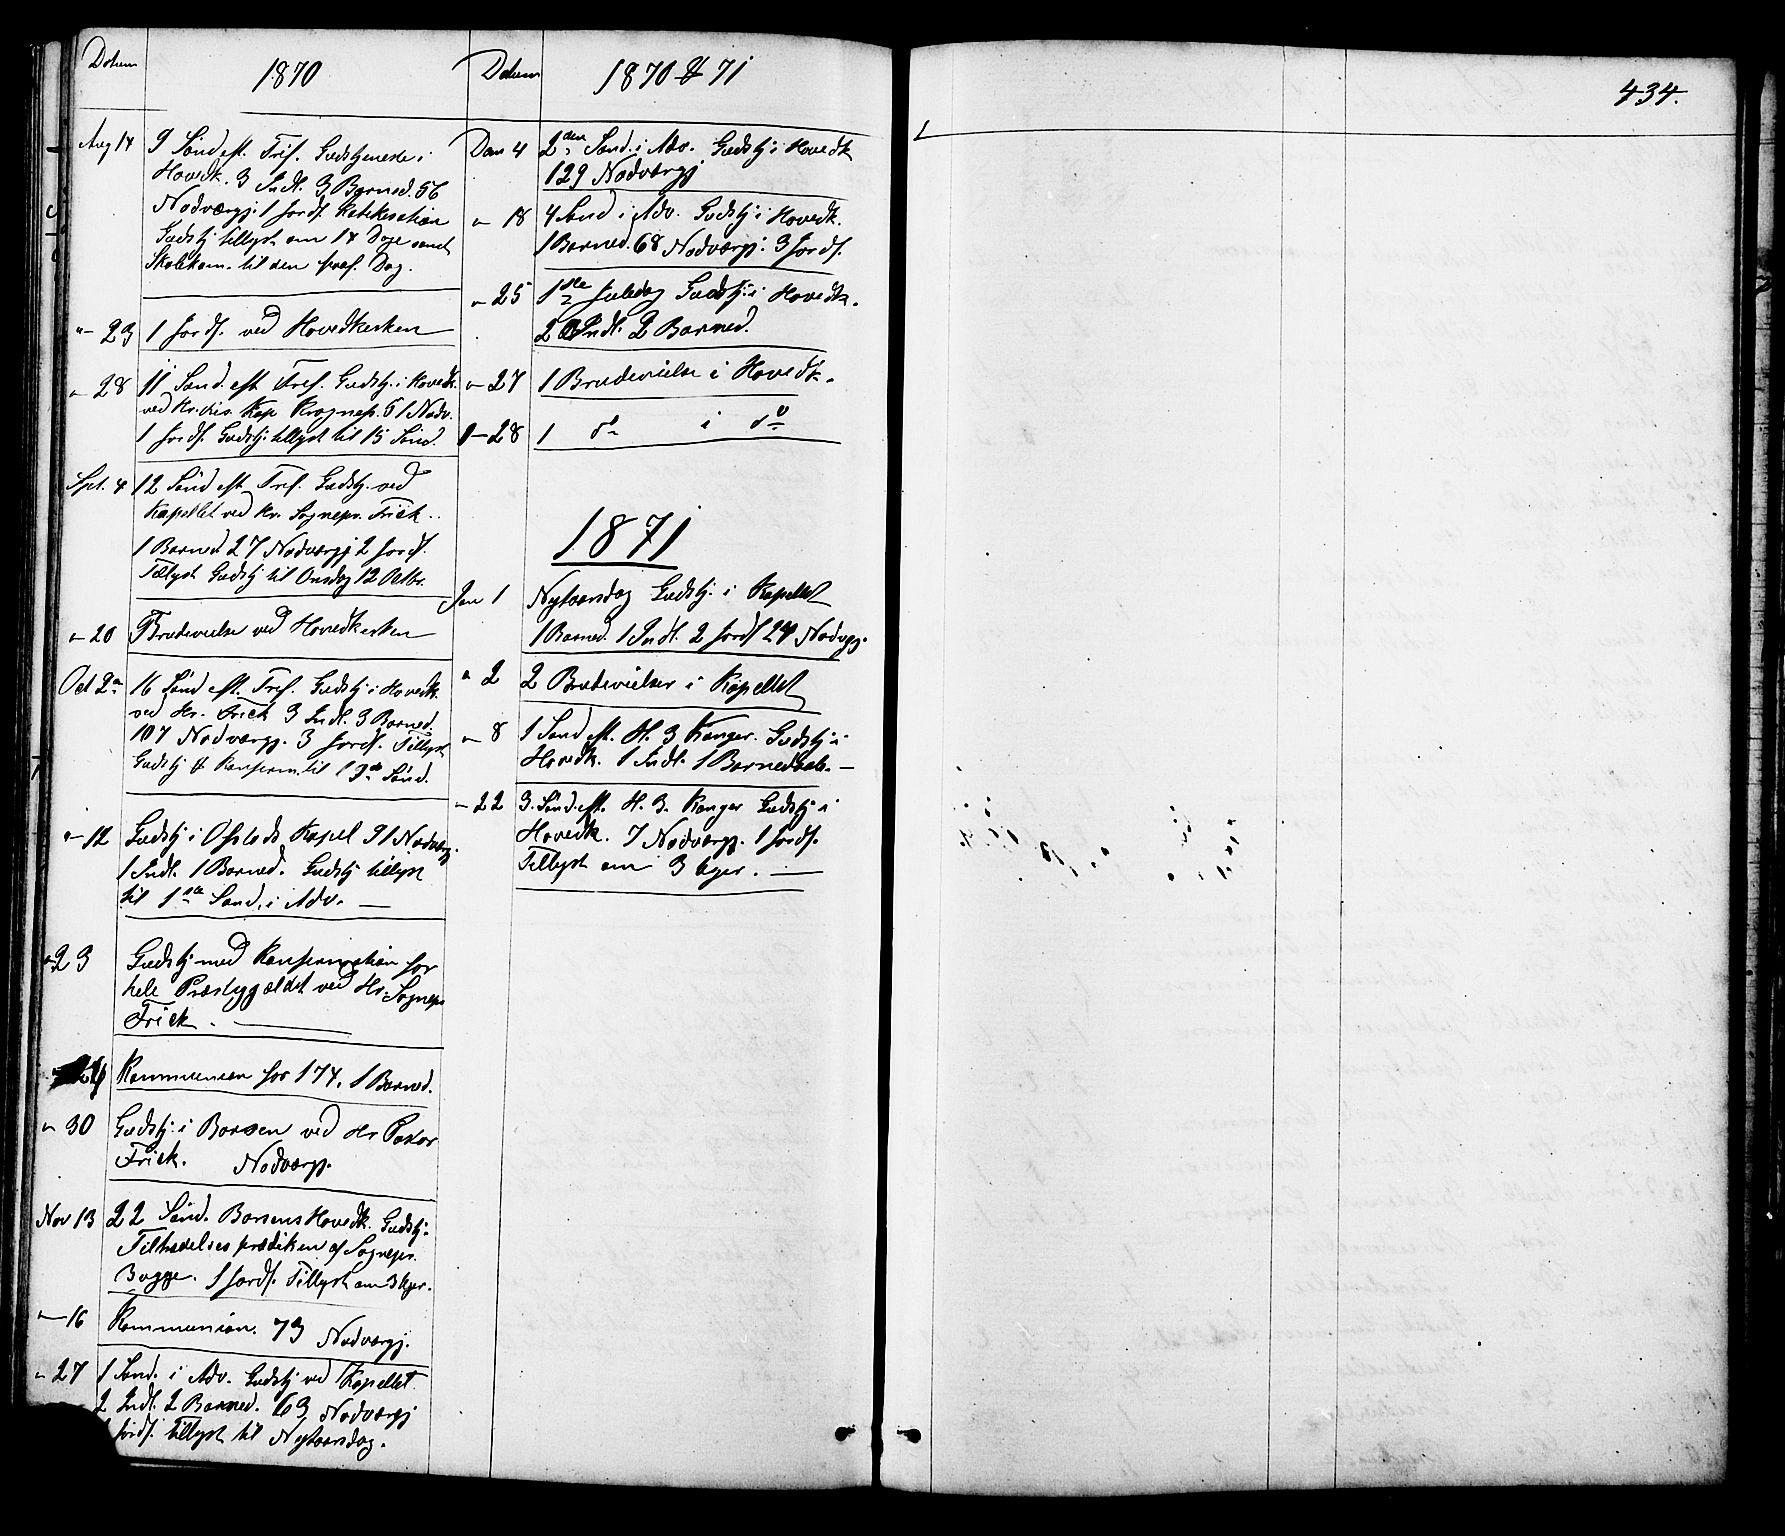 SAT, Ministerialprotokoller, klokkerbøker og fødselsregistre - Sør-Trøndelag, 665/L0777: Klokkerbok nr. 665C02, 1867-1915, s. 434